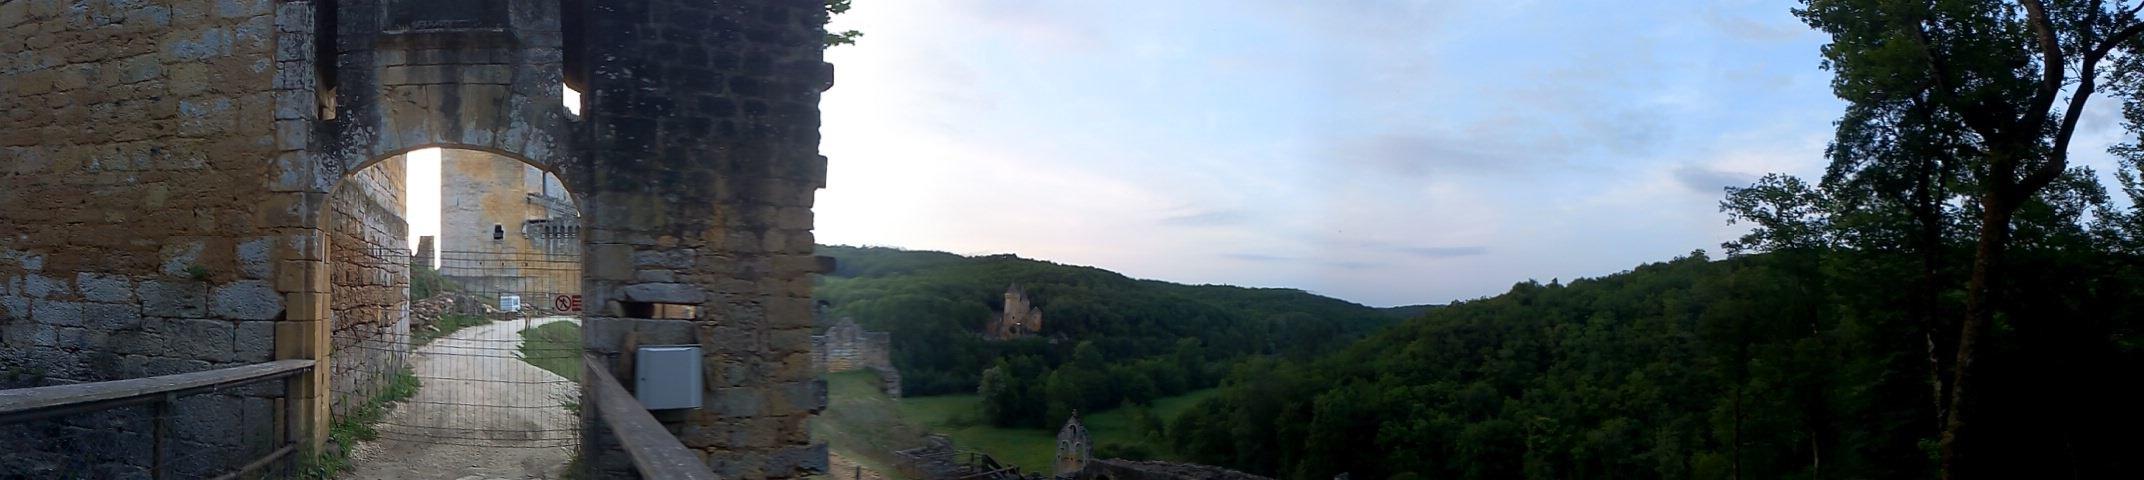 Une des entrées du château